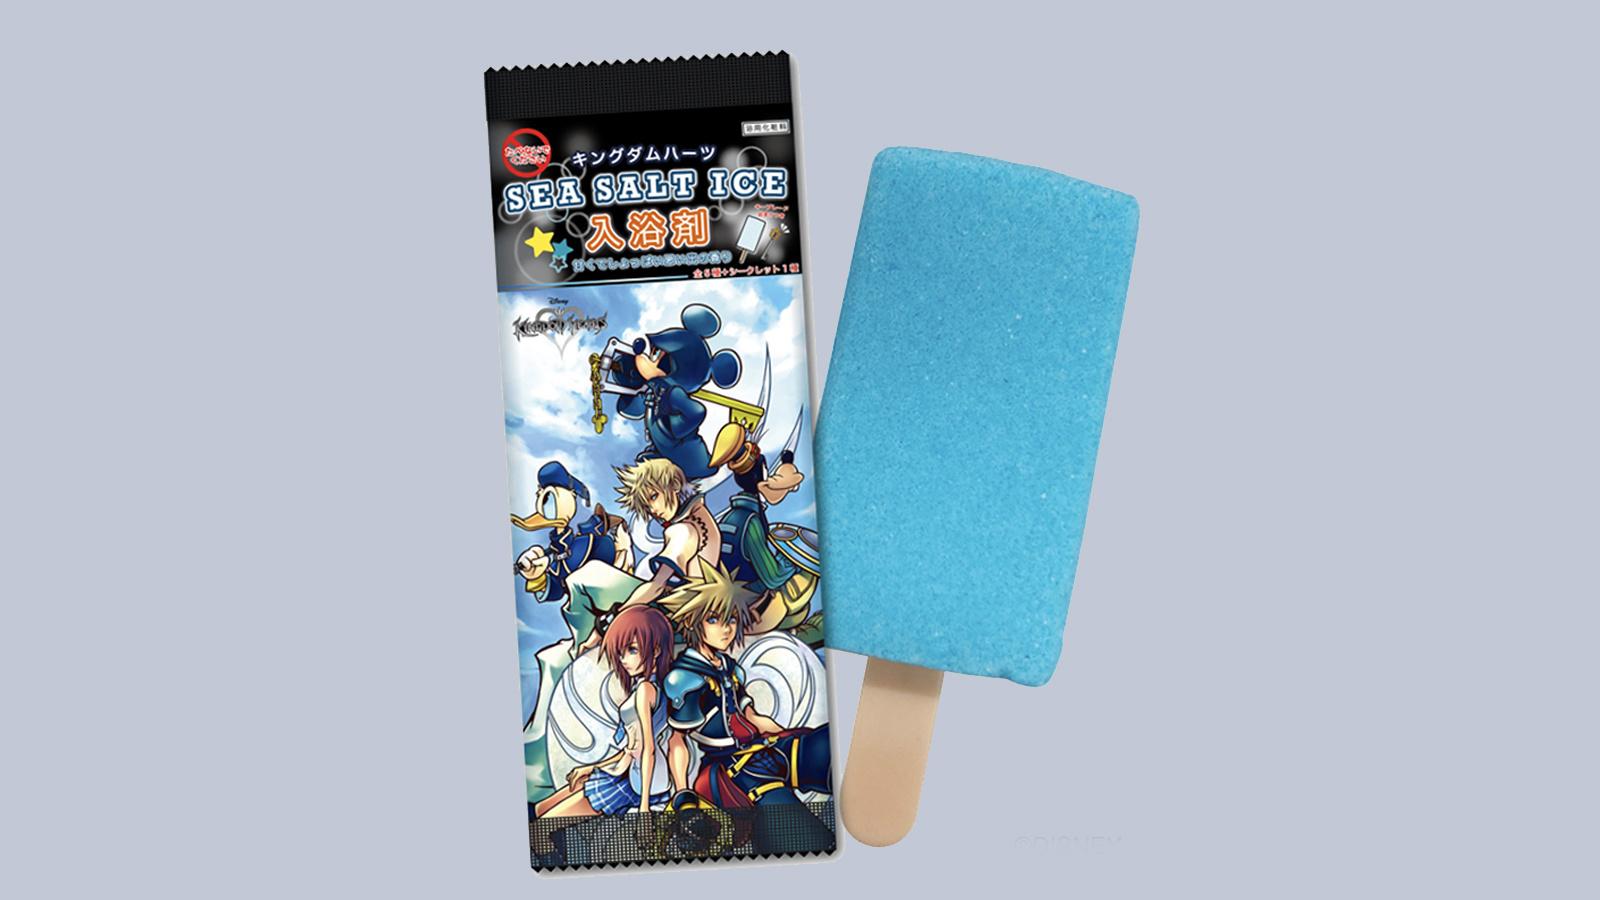 不可食用!500日元的《王國之心》冰棍形狀入浴劑